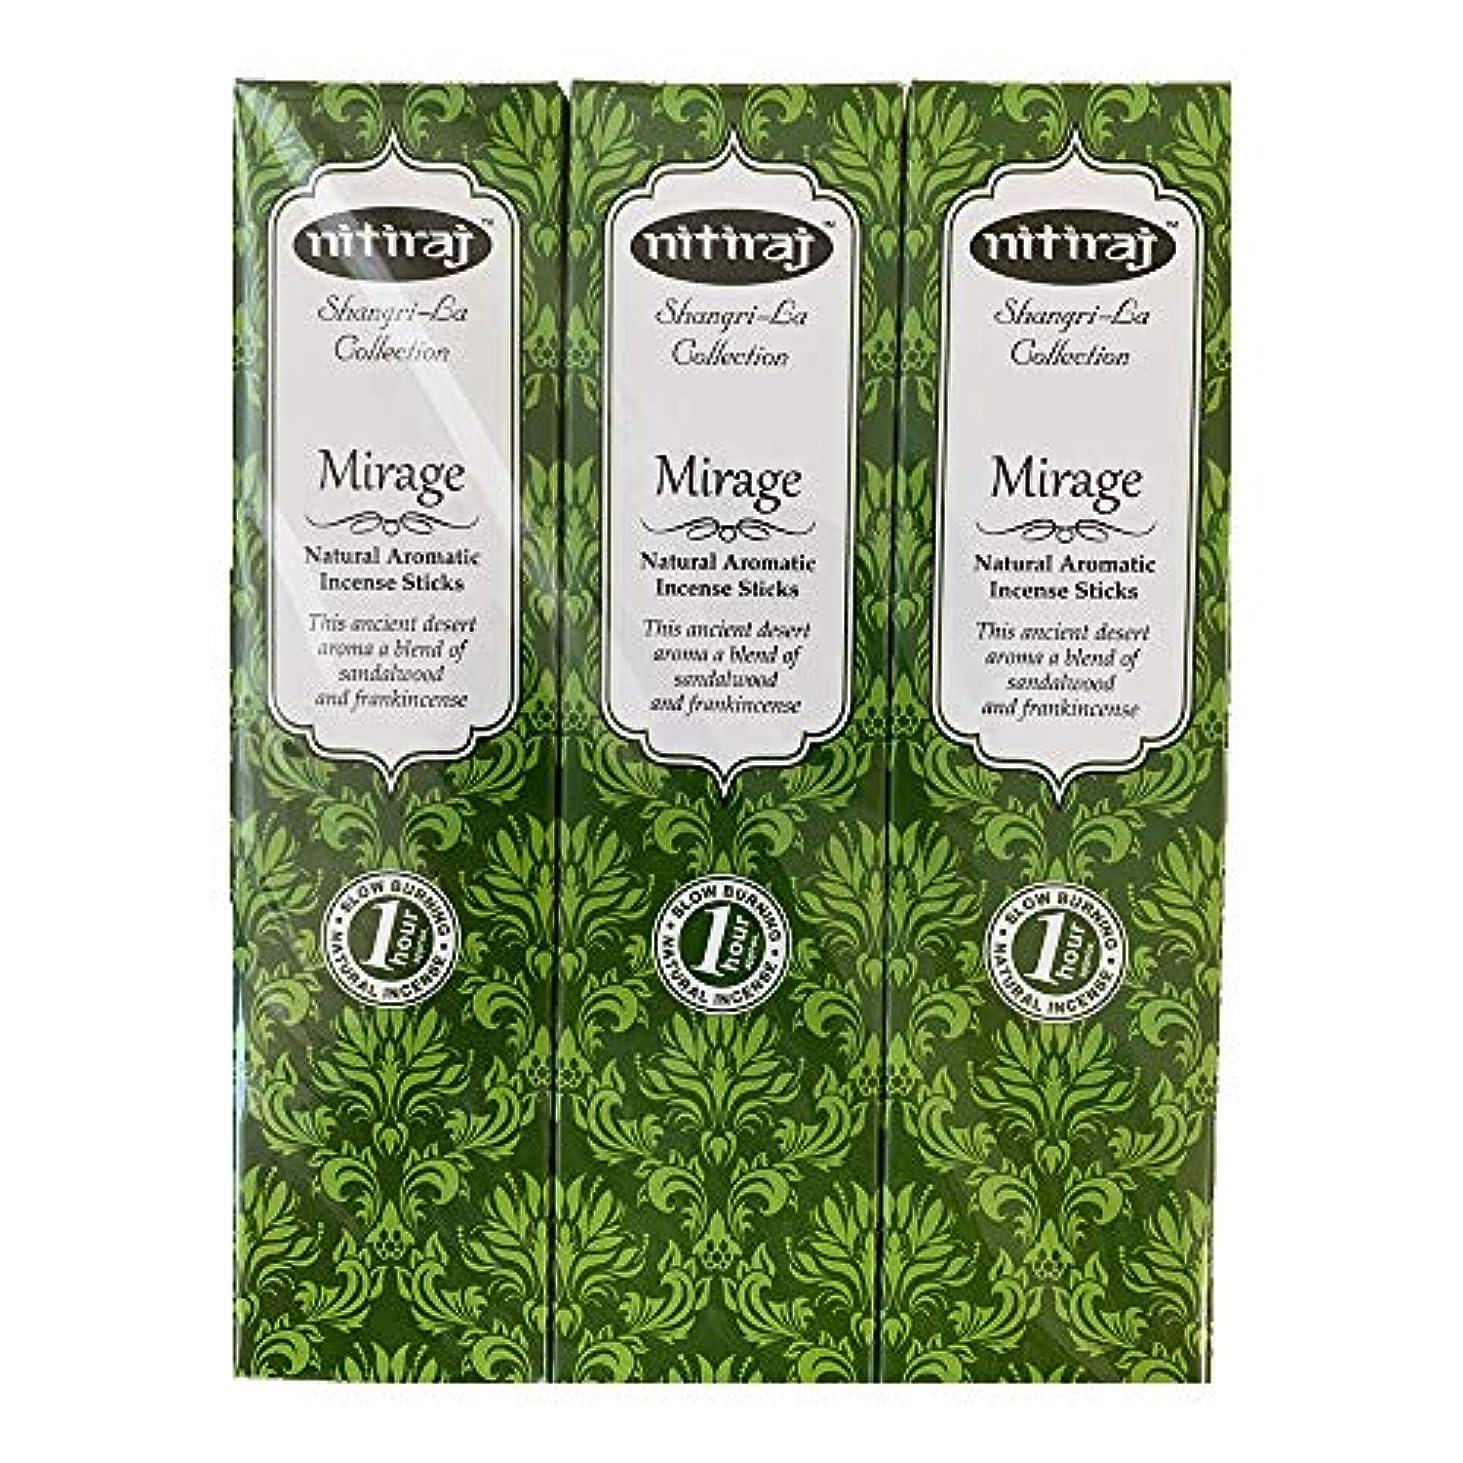 付ける肘推測お香 アロマインセンス Nitiraj(ニティラジ)Mirage(蜃気楼) 3箱セット(30本/1箱10本入り)100%天然素材